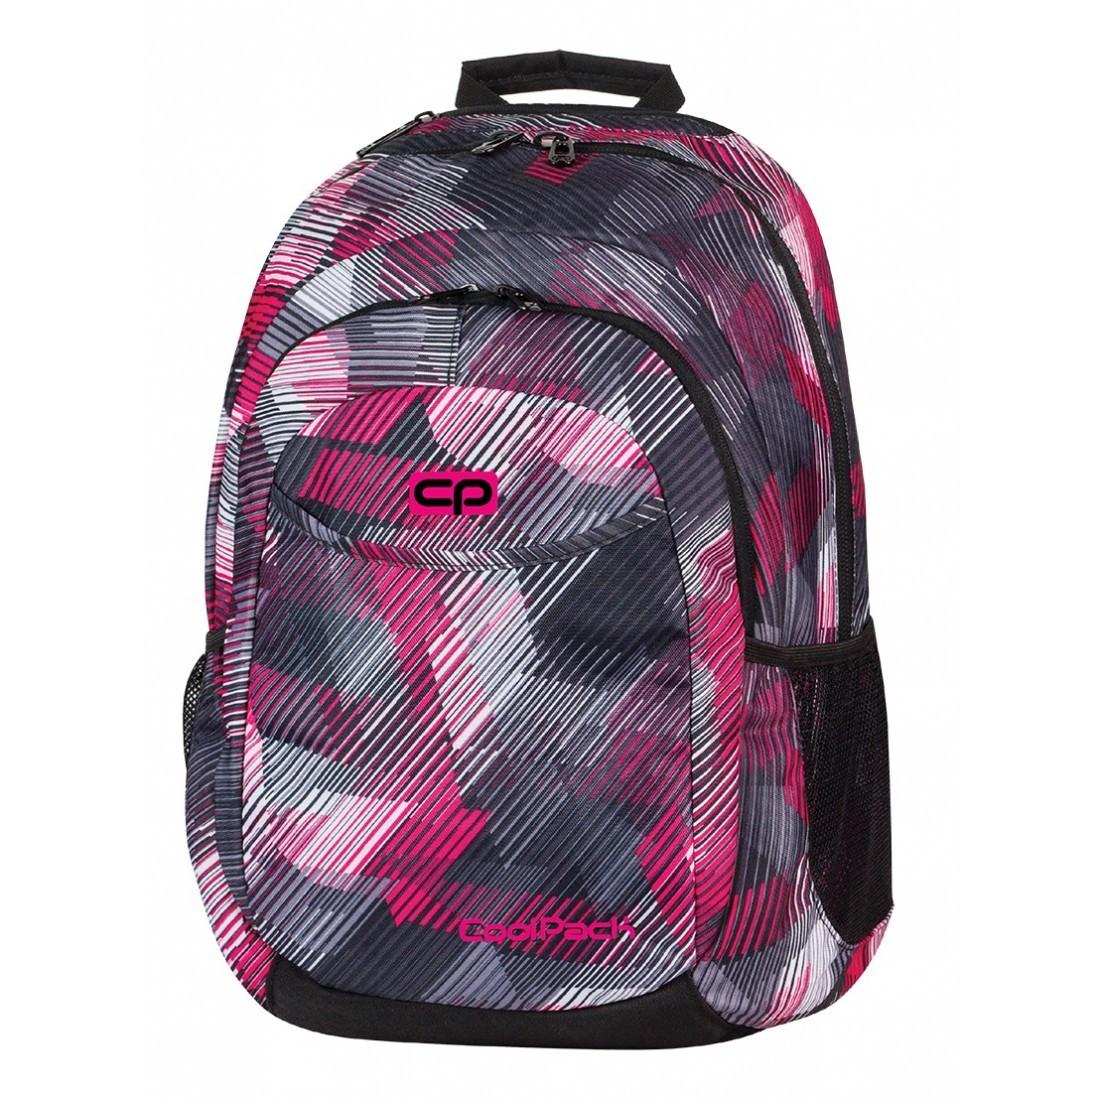 Plecak młodzieżowy CoolPack CP szaro - różowy w paski URBAN PINK MOTION 379 - plecak-tornister.pl